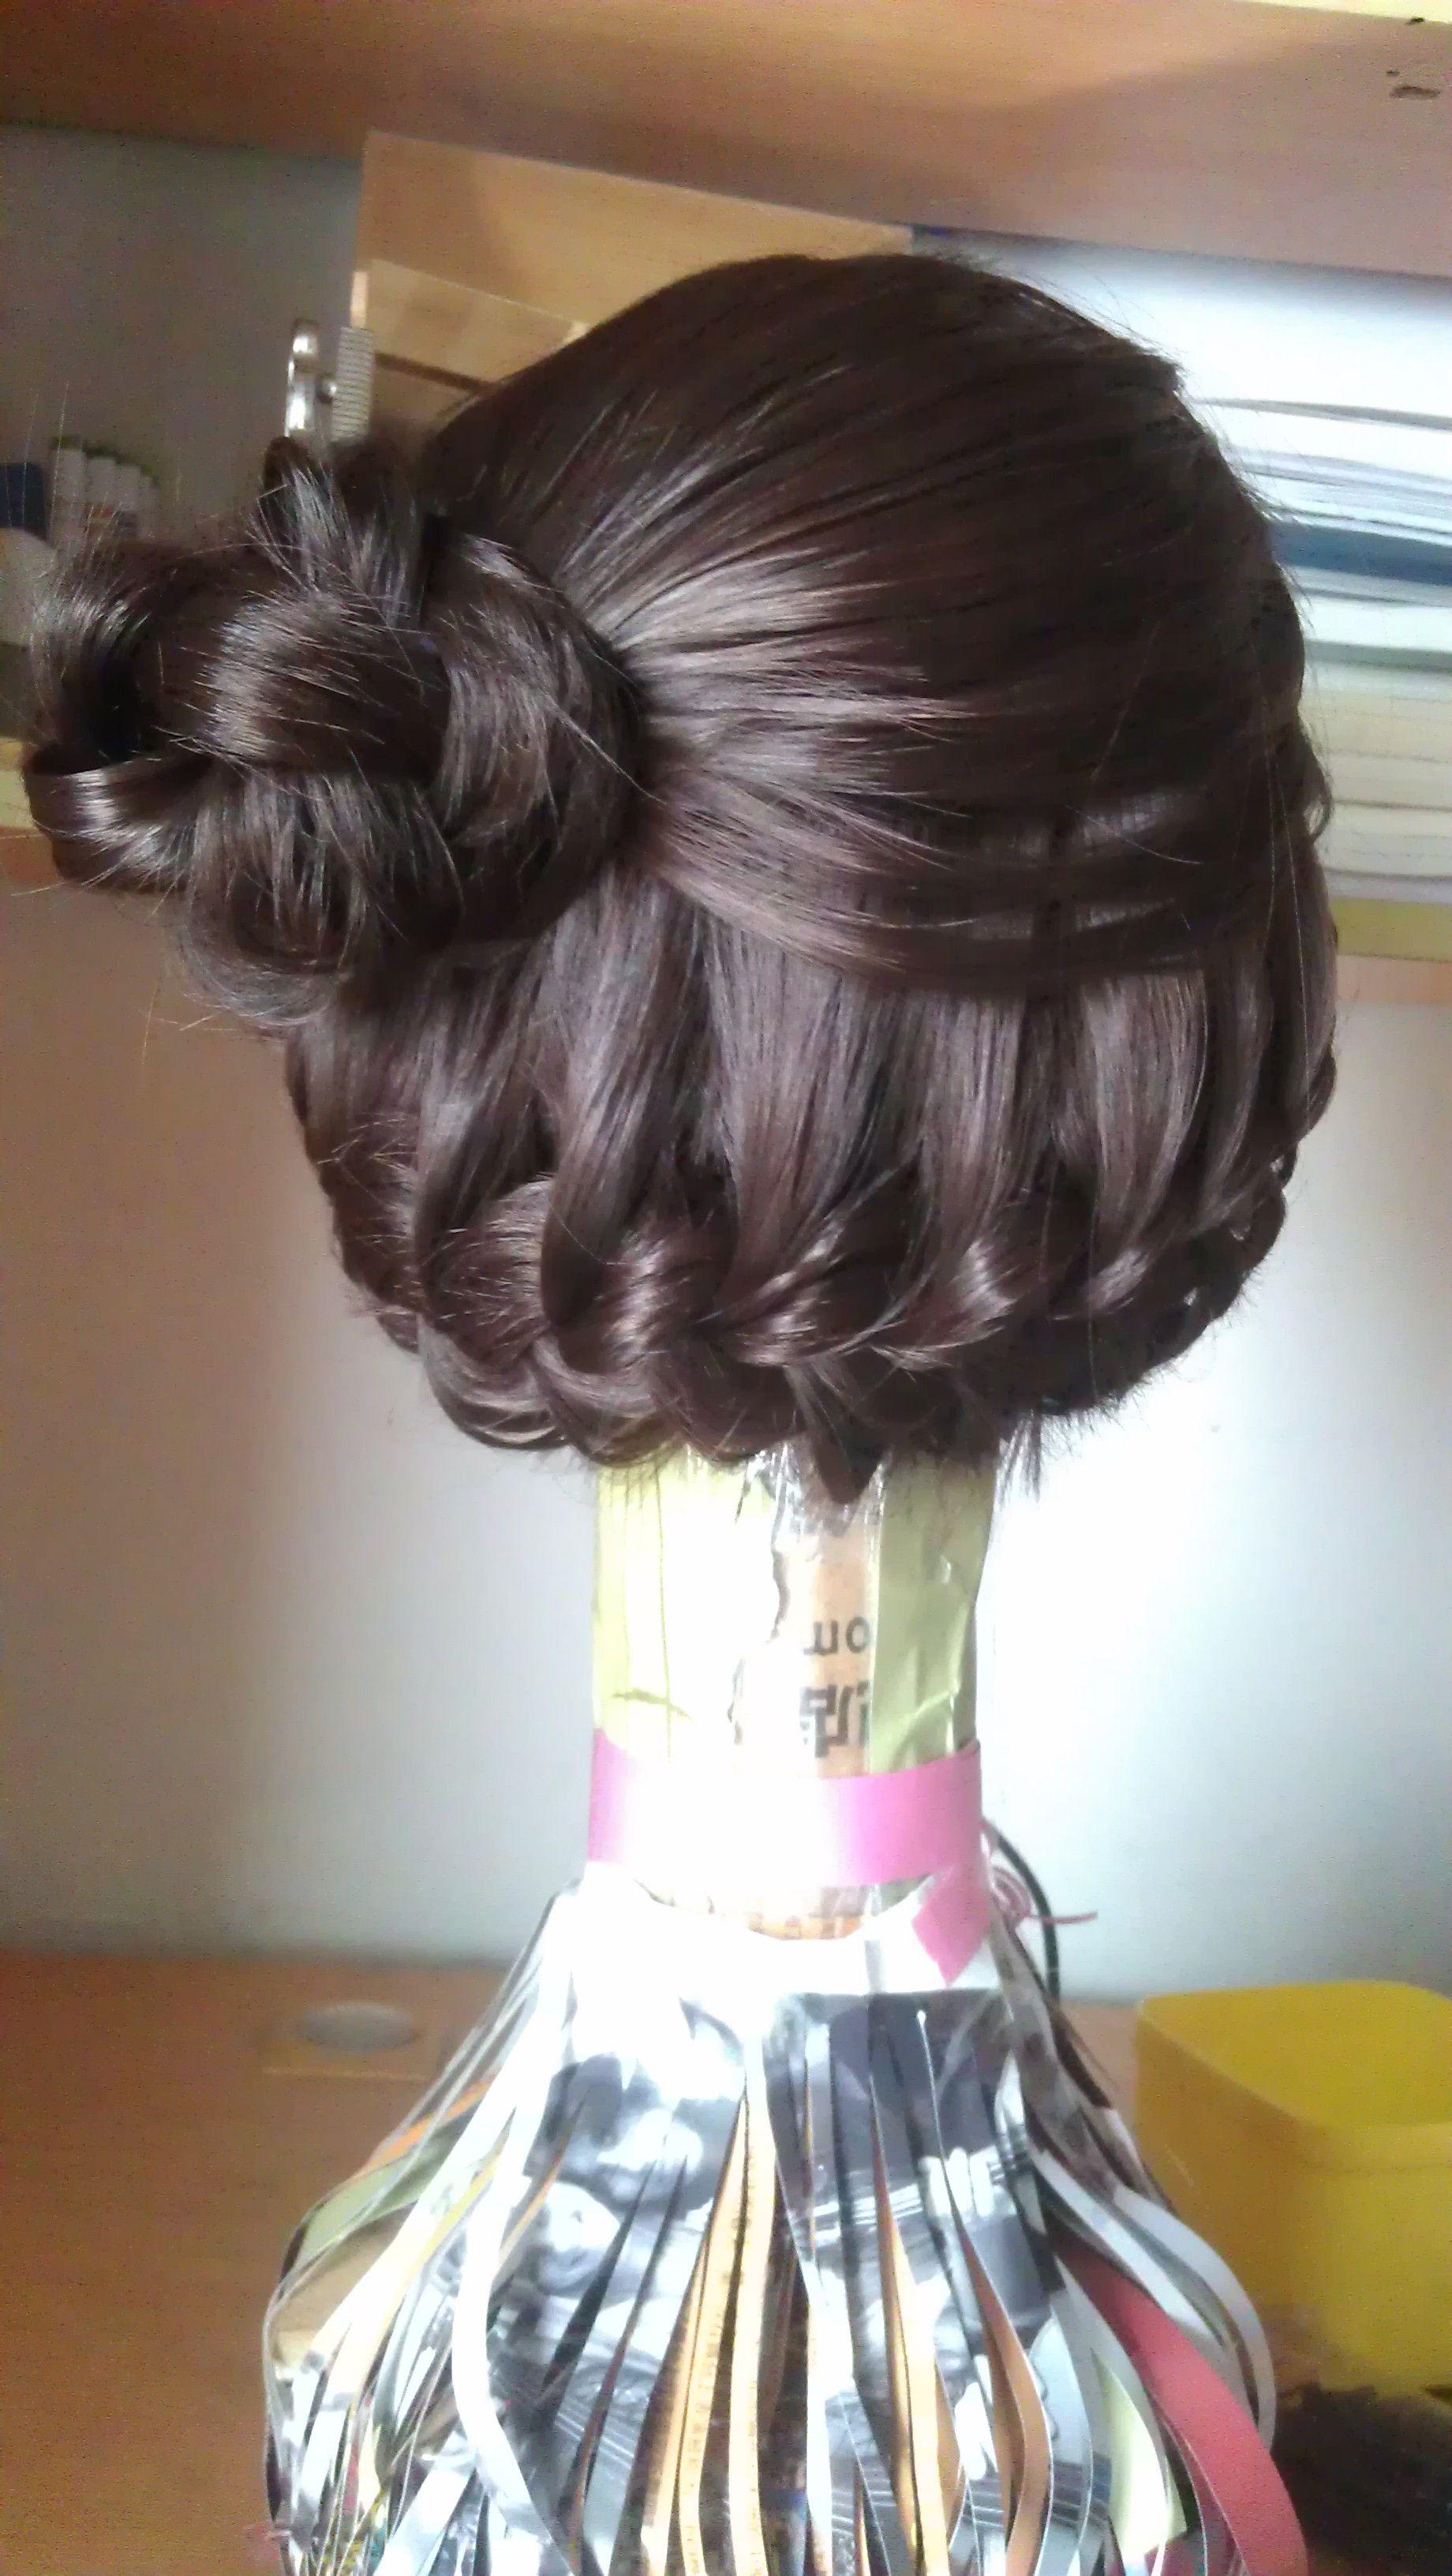 求好看的编发或者发型 小处理就好 发长和图中差不多